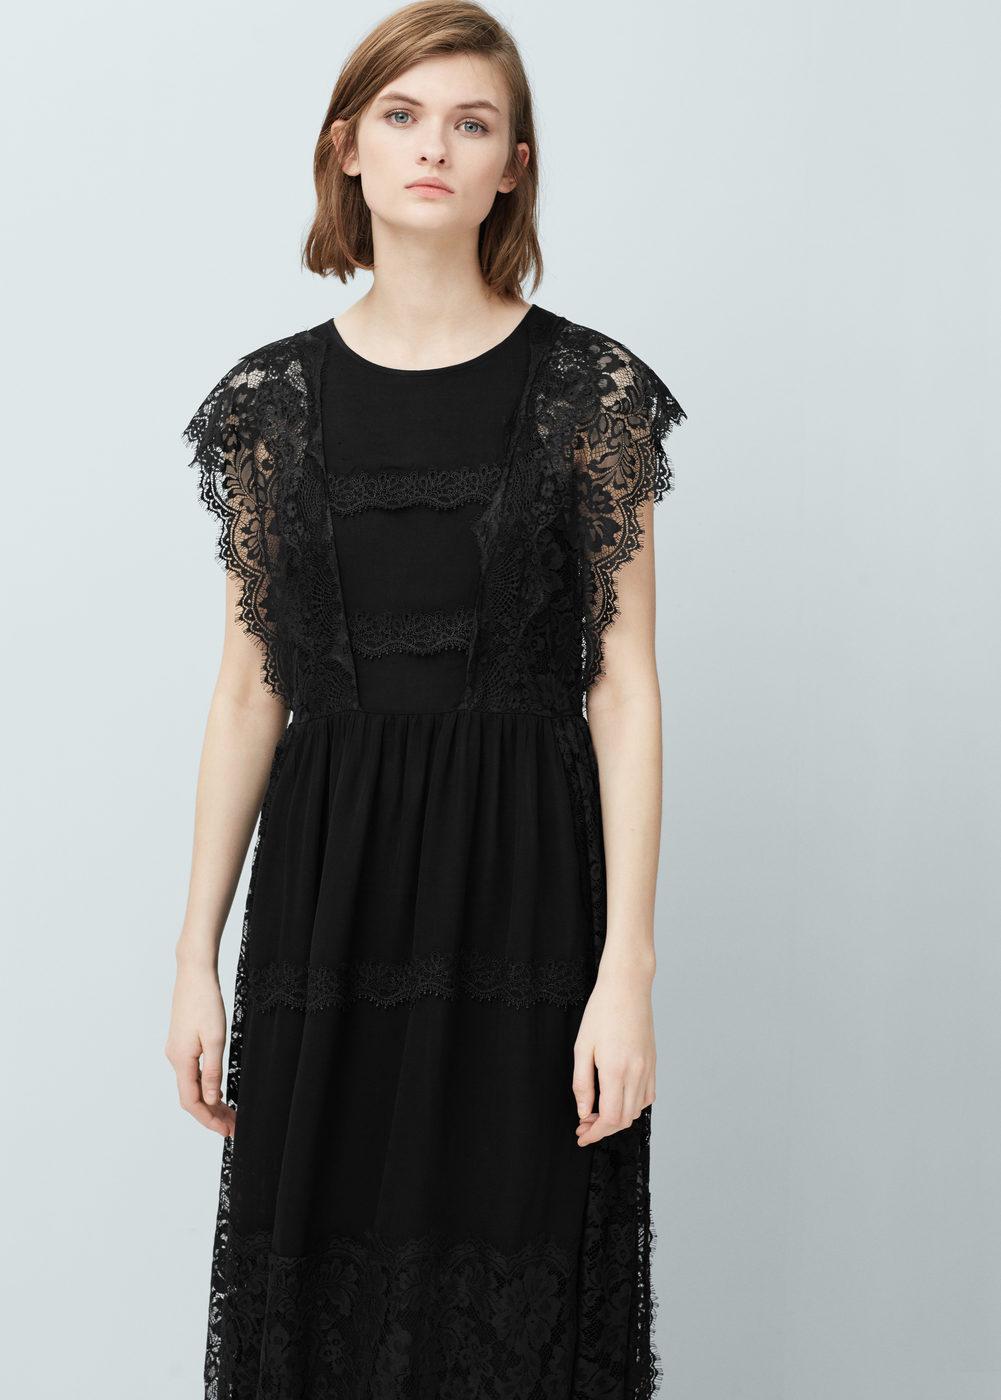 La robe longue en dentelle noir ou crème Nina sur Bustiers